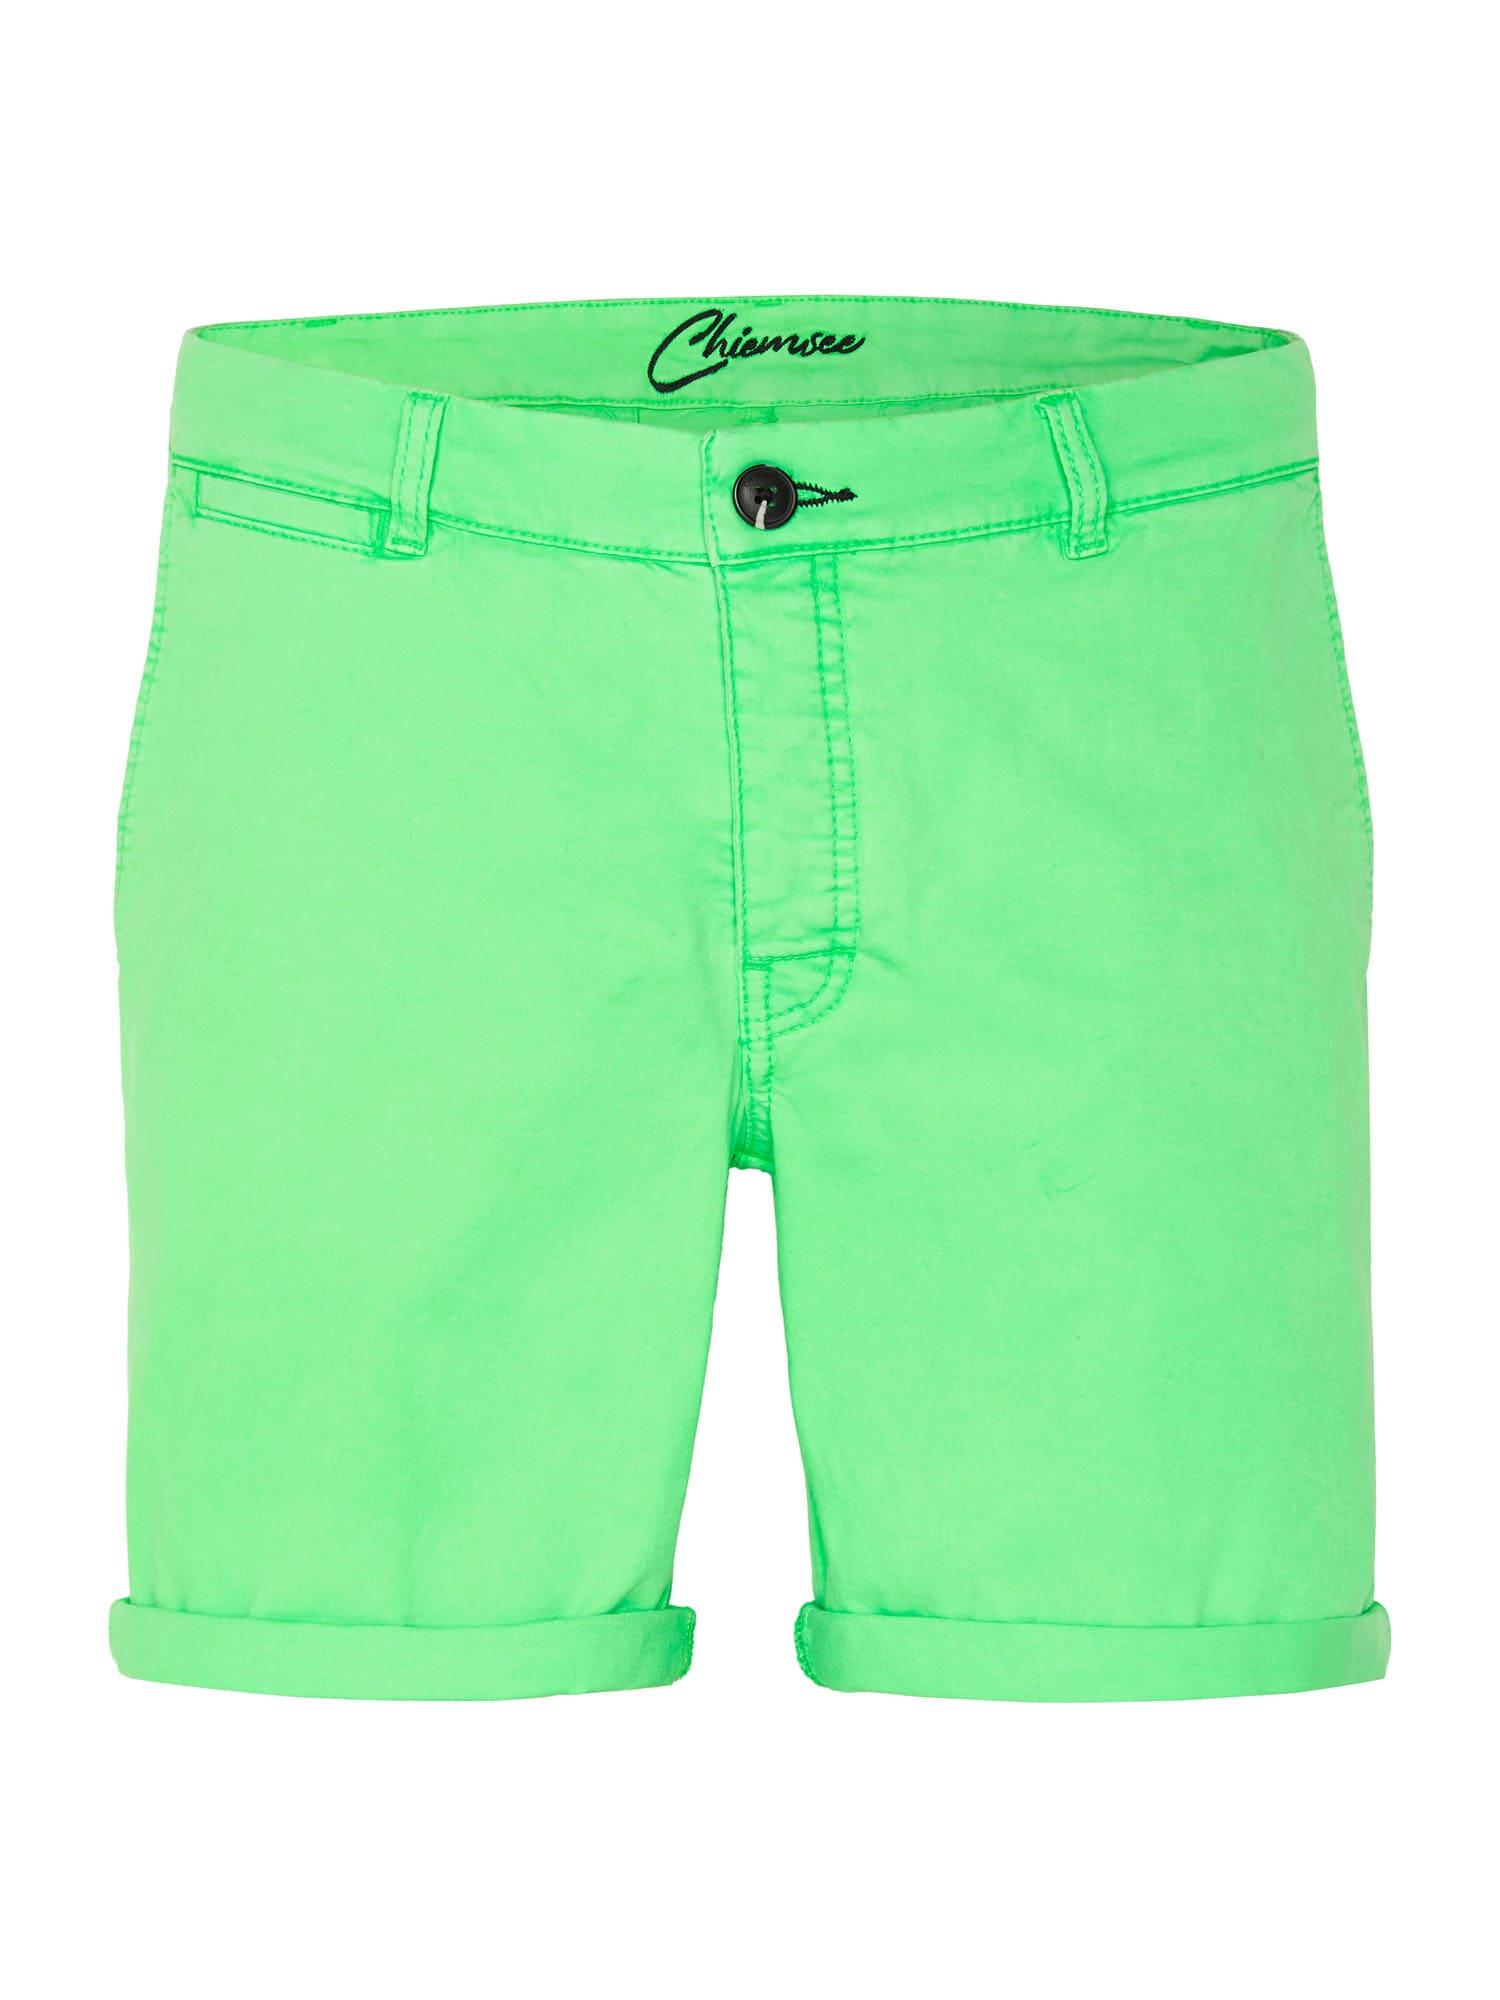 CHIEMSEE Kelnės žalia